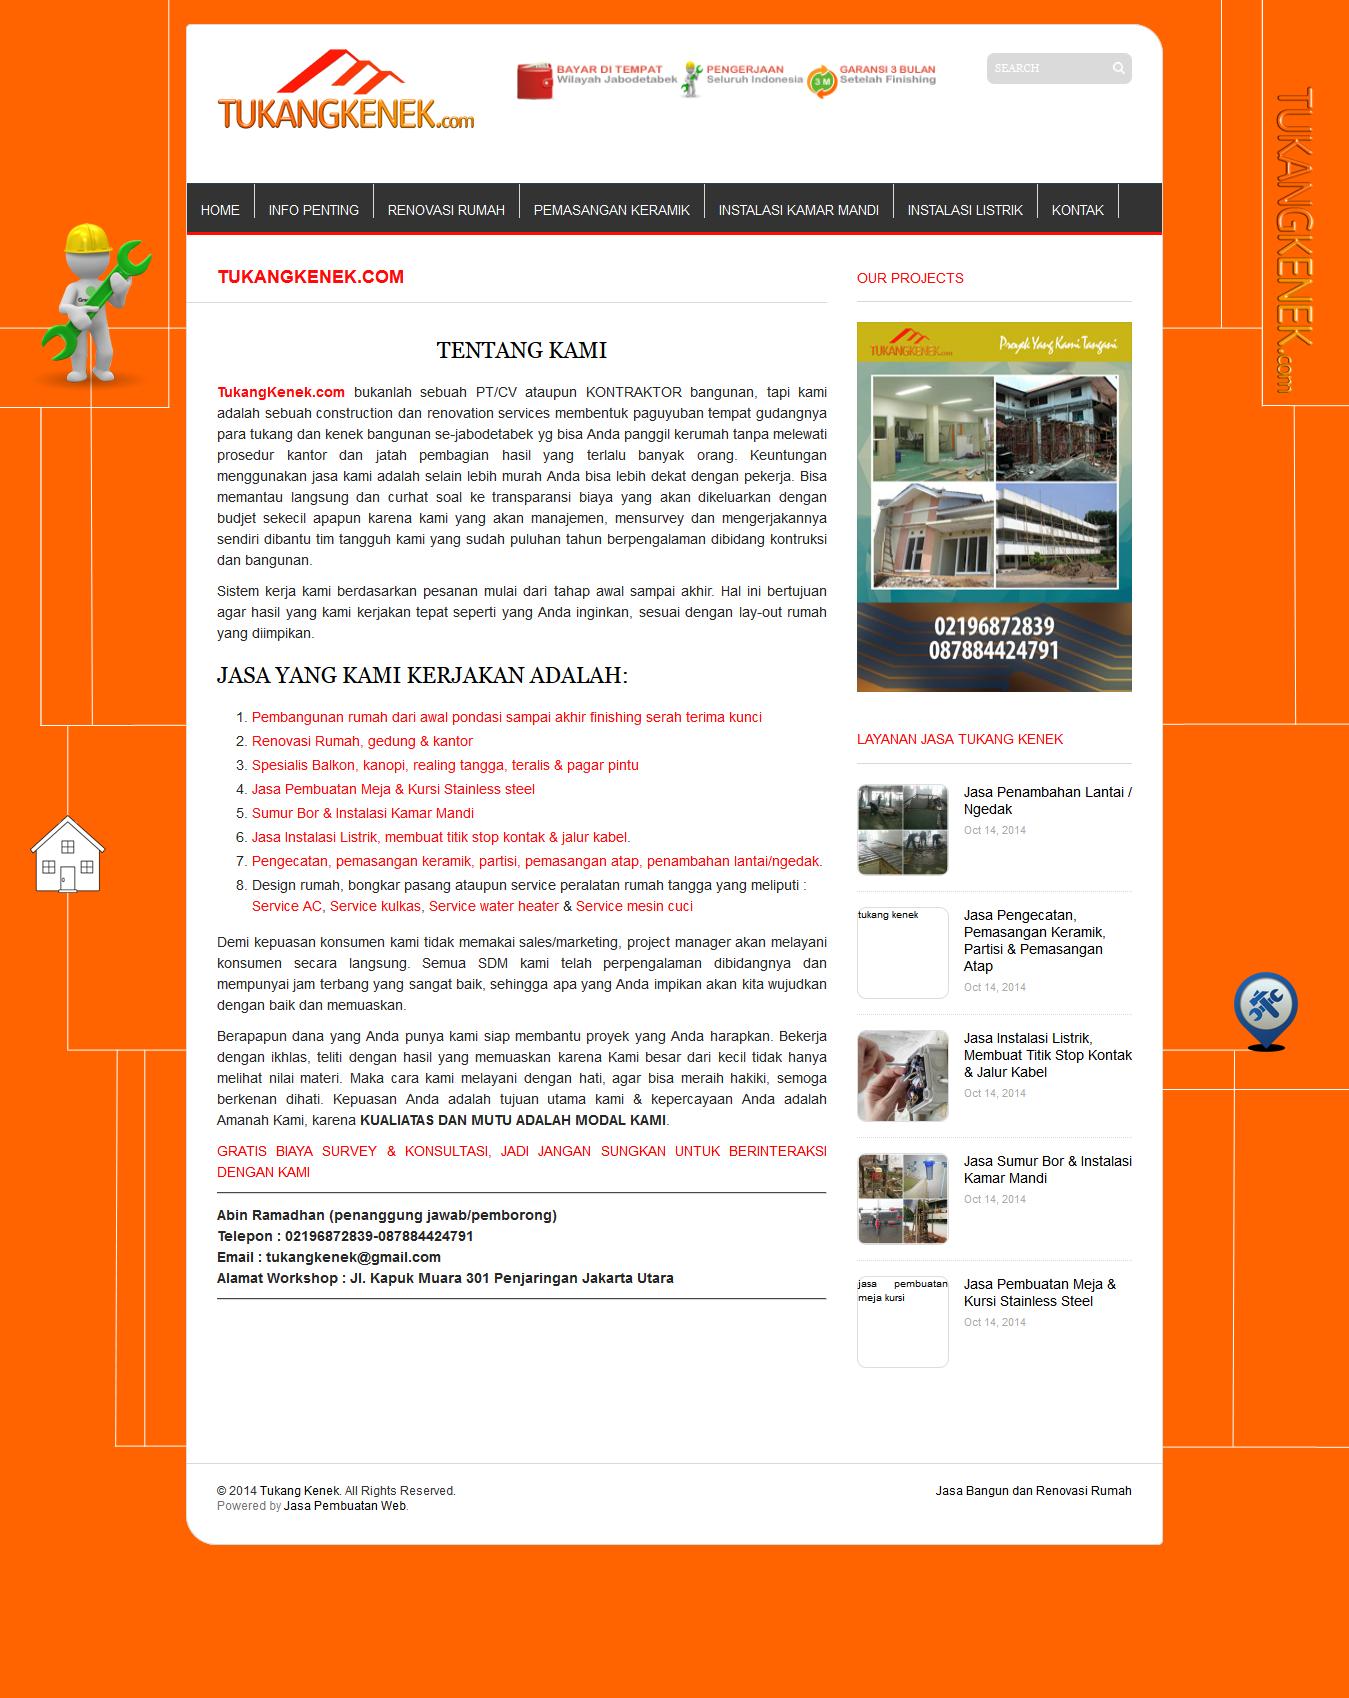 Http Www Tukangkenek Com Paket Hemat Company Profile Dari Http Www Zituz Com Dibuat Untuk Bapak Abin Yang Mengelola Bisnis Jasa Dari Para Tukang Kabel Muara